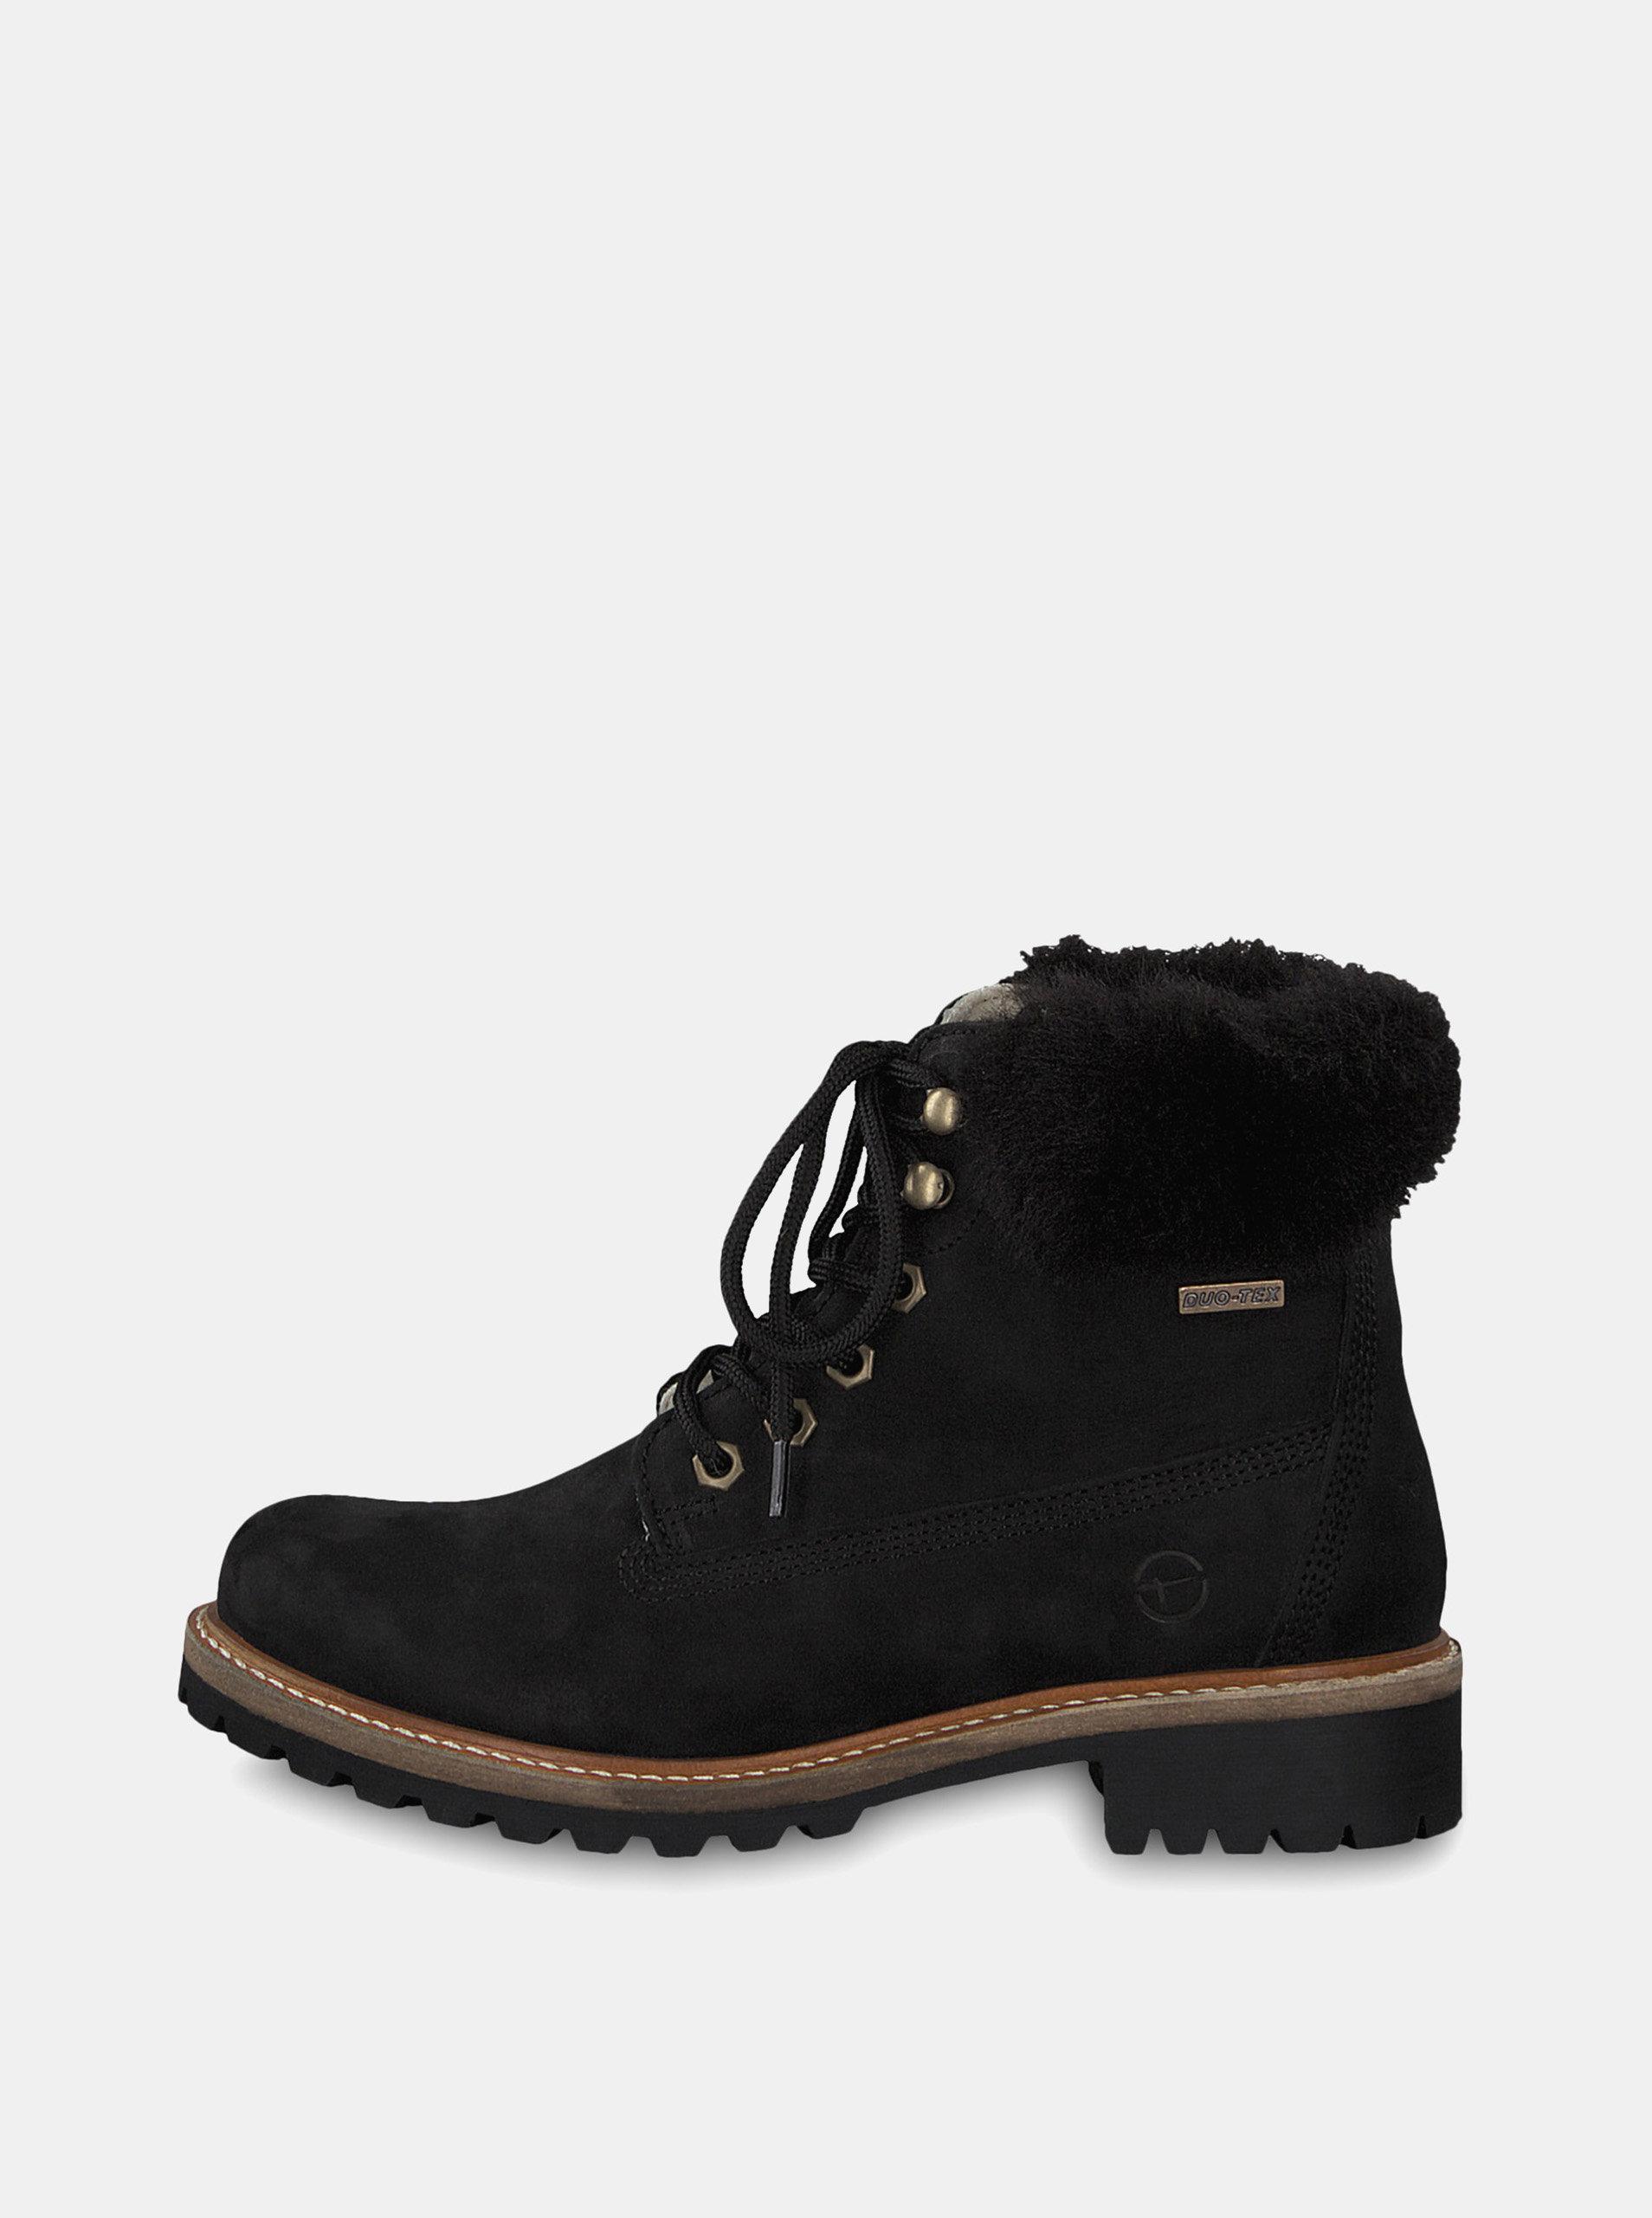 Čierne kožené členkové nepremokavé zimné topánky s vlnenou podšívkou  Tamaris ... a2a0ee1644b